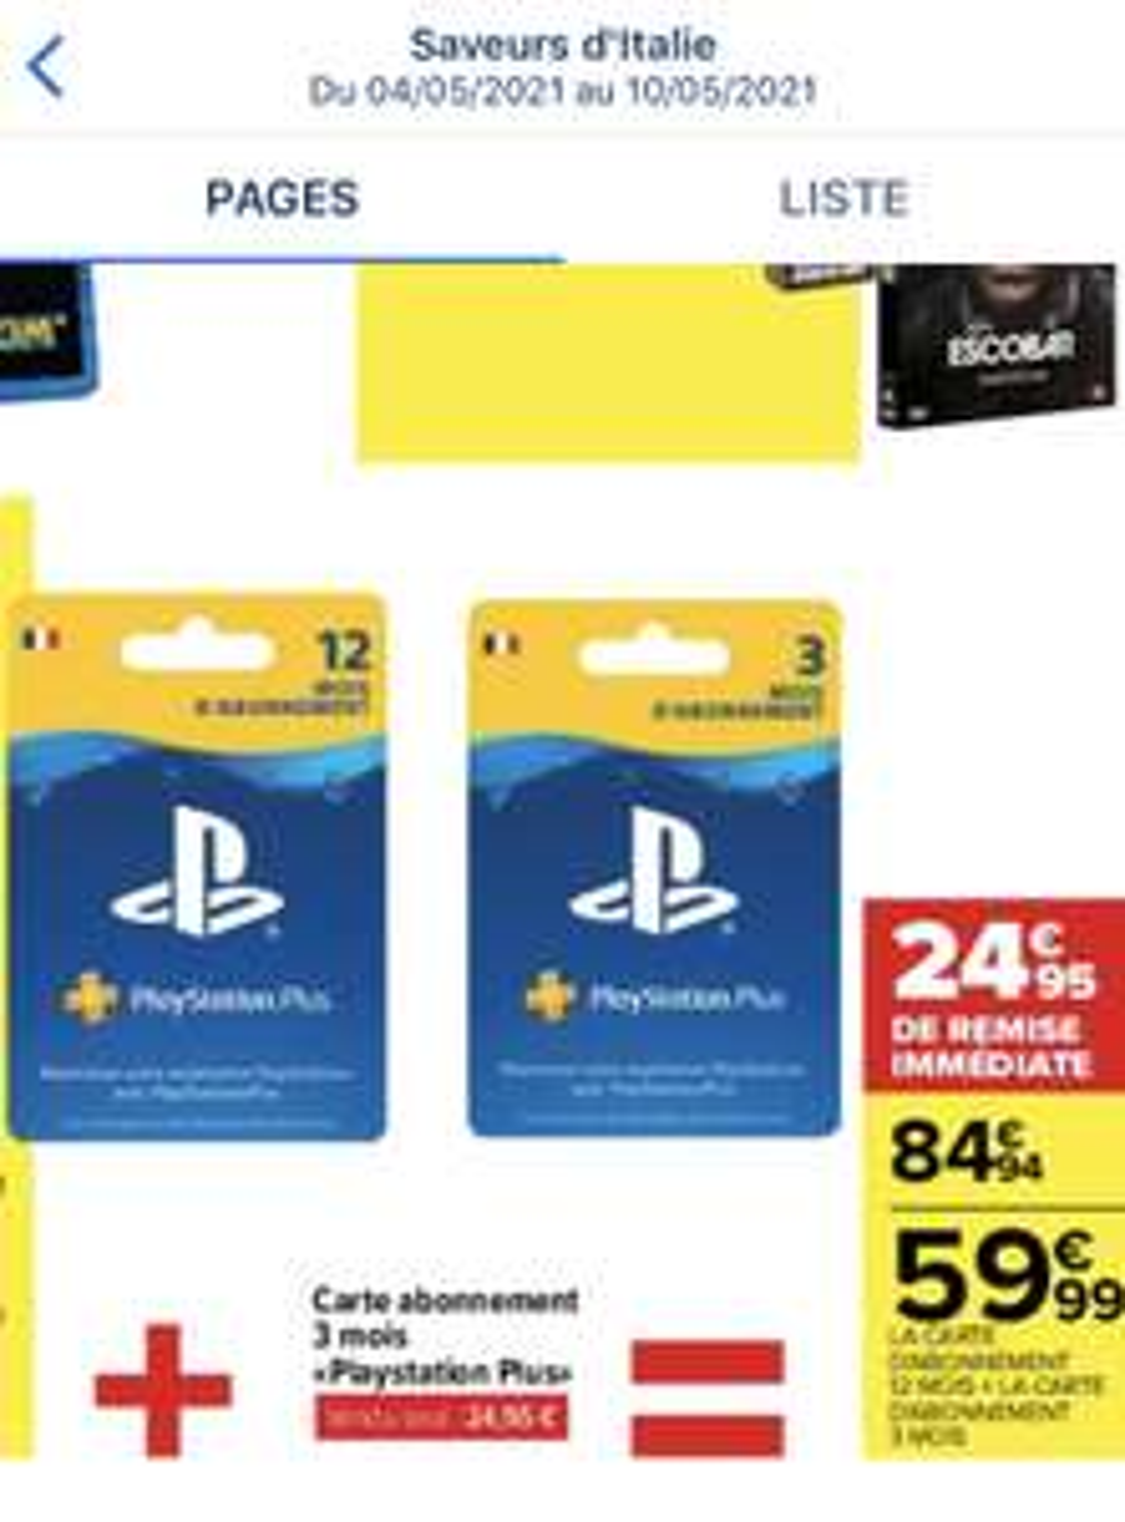 Carte d'abonnement PlayStation Plus 12 mois + 3 mois